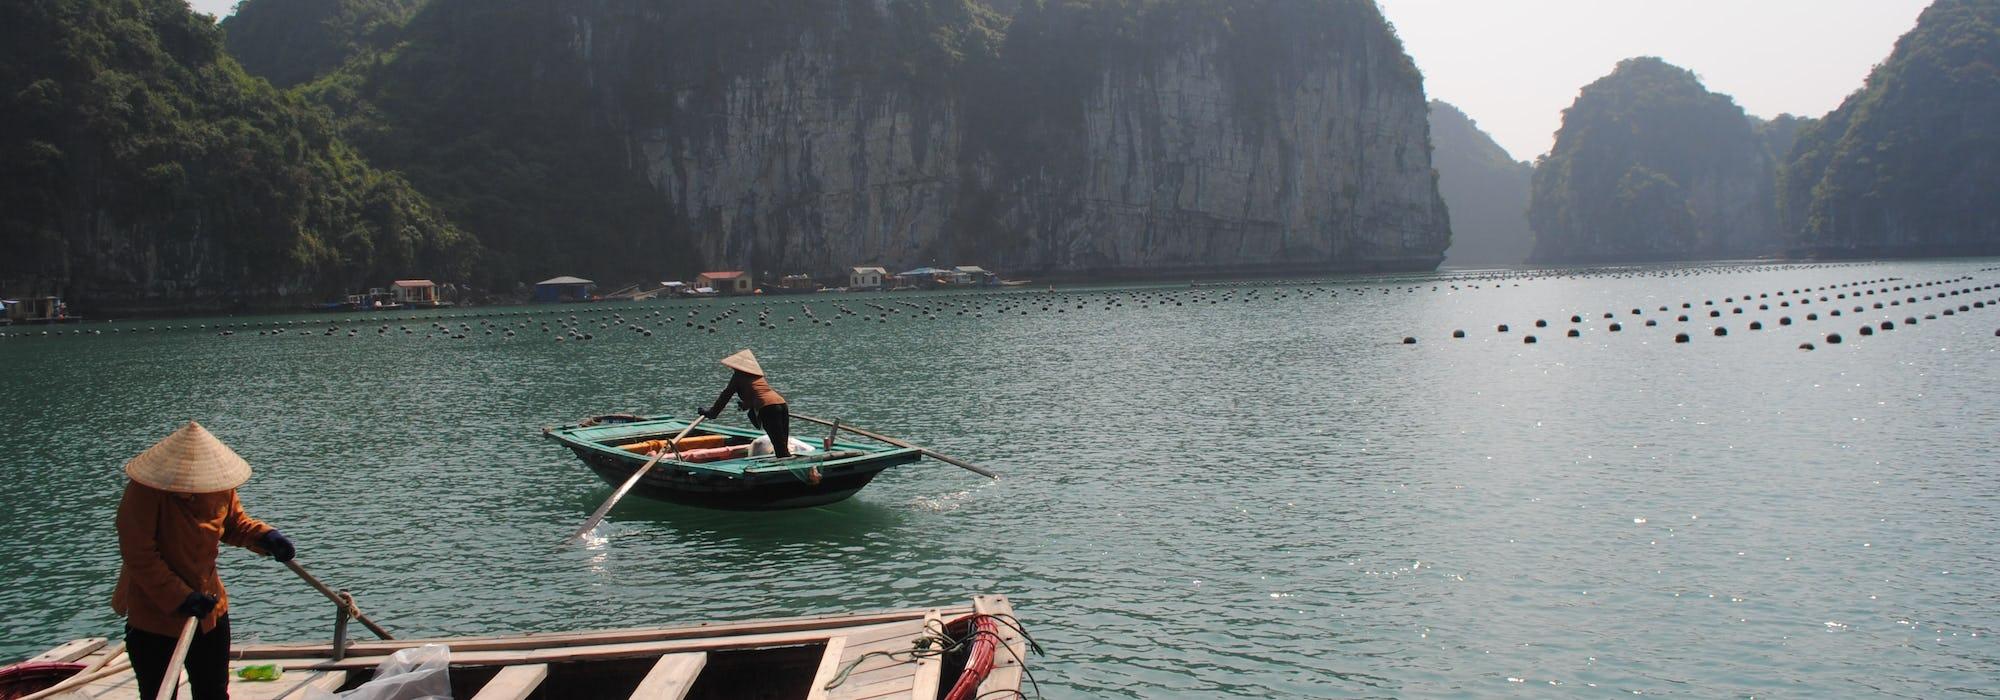 Två människor i båtar paddlar fram framför vackra berg.